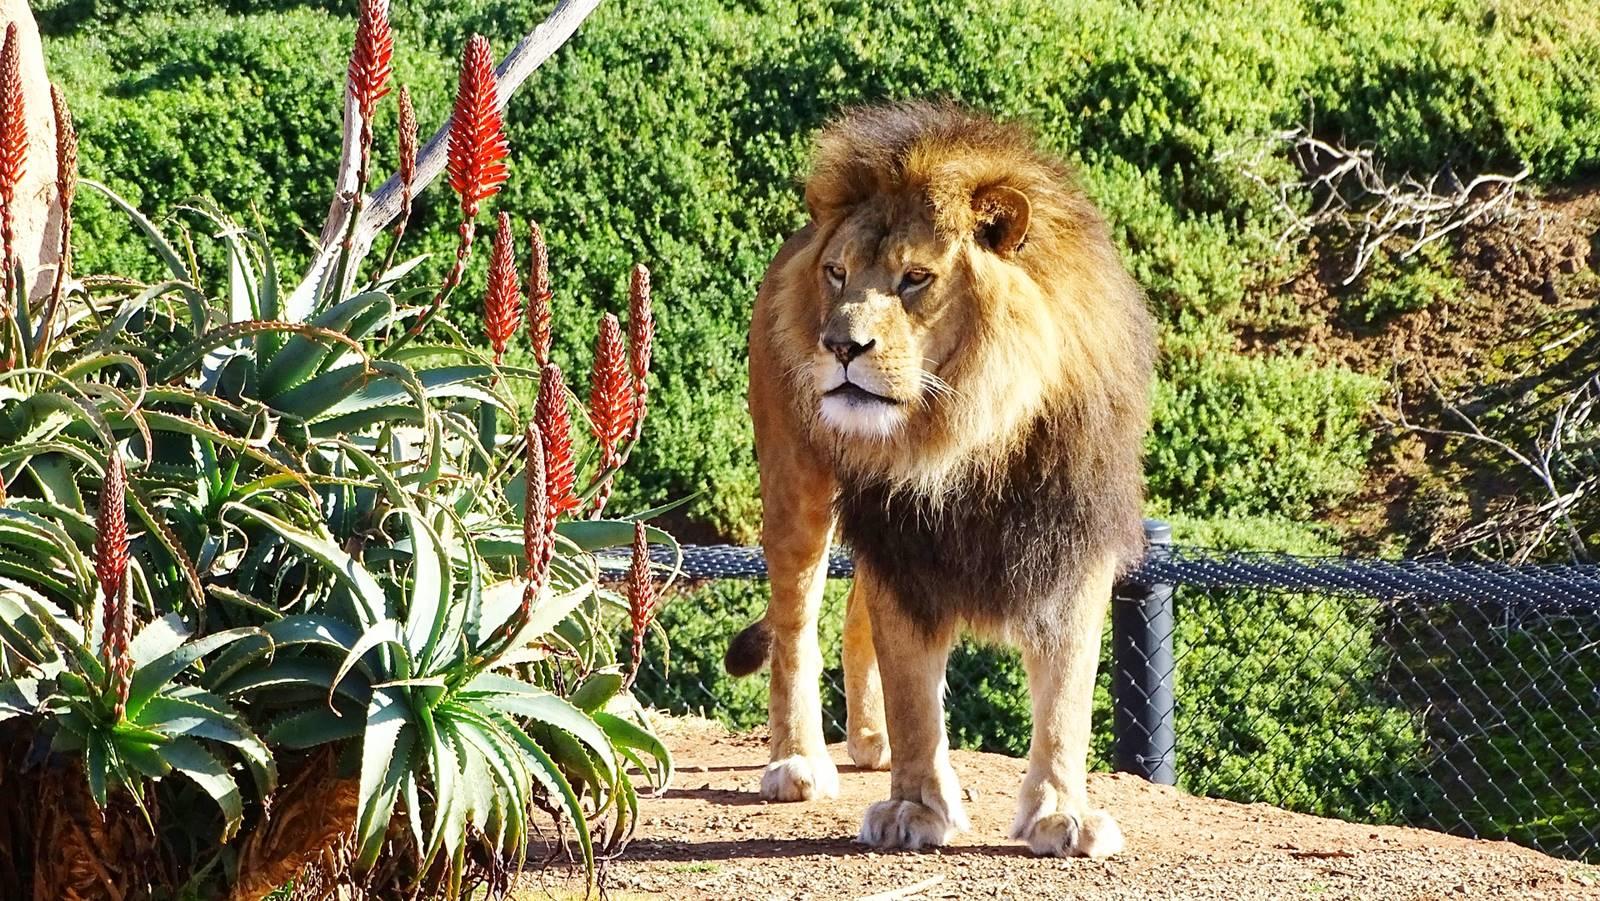 墨爾本-郊區-推薦-景點-威勒比野生動物園-Werribee Open Range Zoo-墨爾本必玩景點-墨爾本必遊景點-墨爾本必去景點-行程-自由行-墨爾本旅遊景點-墨爾本觀光景點-墨爾本好玩景點Melbourne-Travel-Attractions